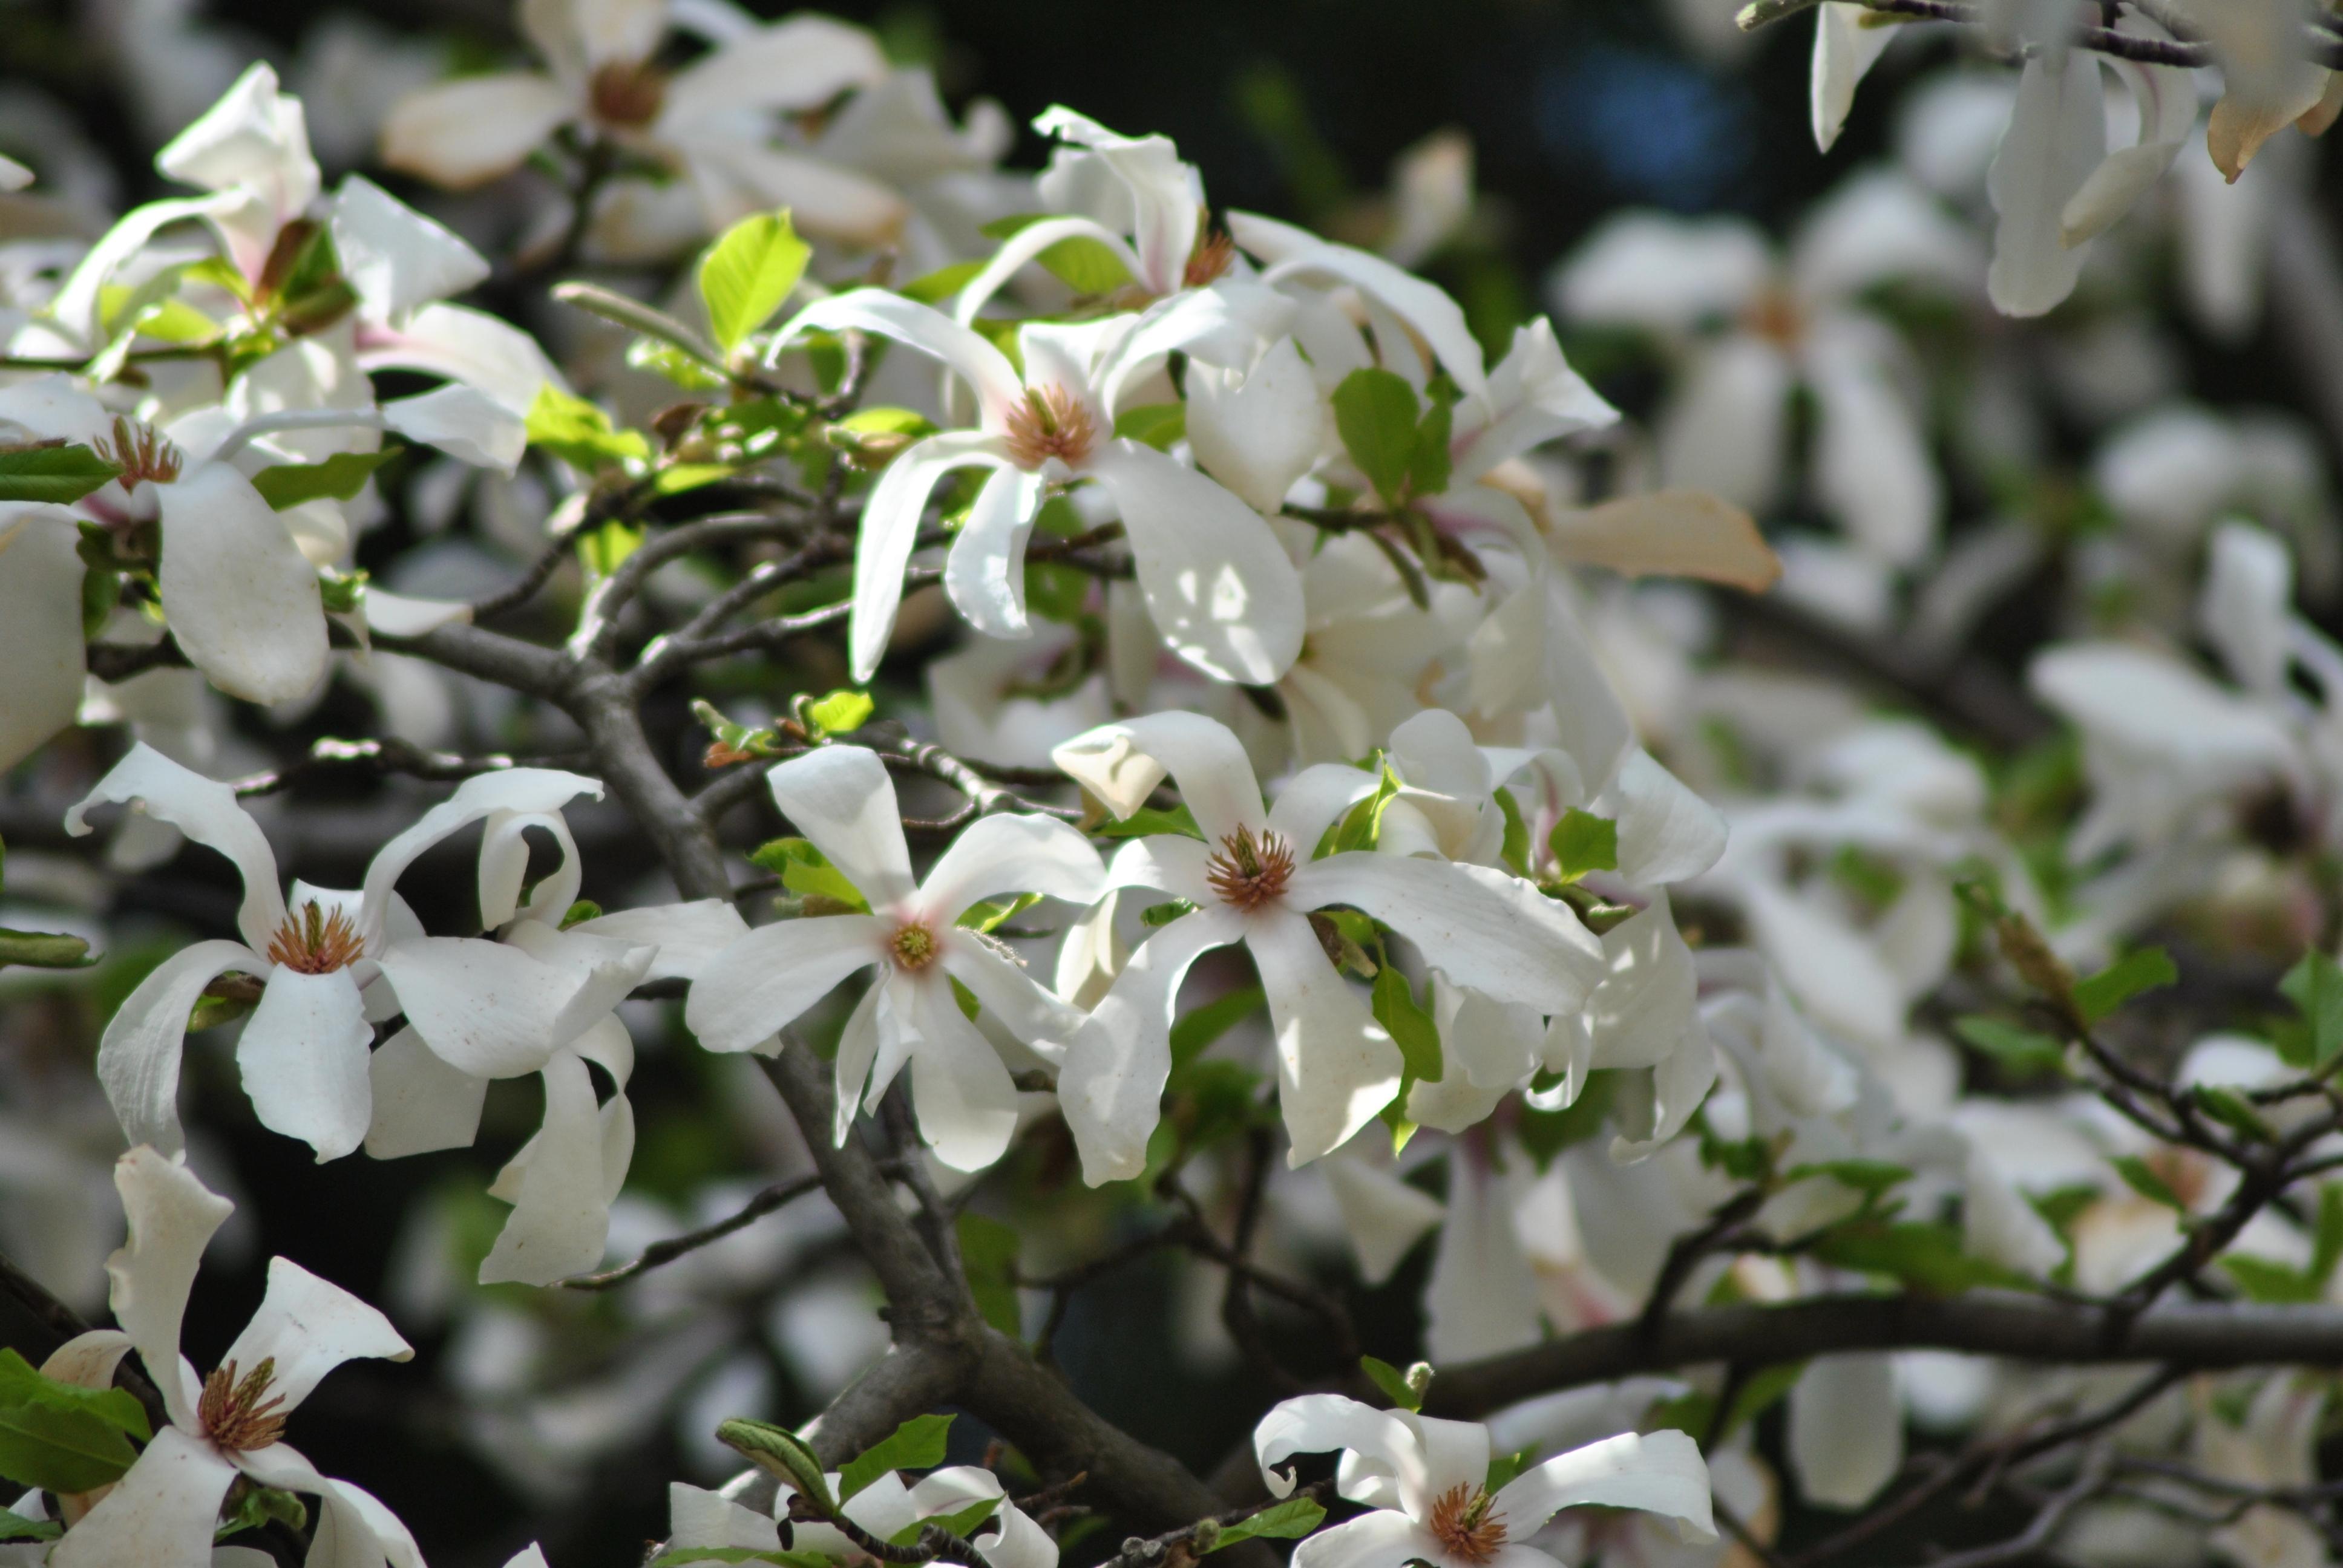 лишь немного цветущие деревья в сочи фото том